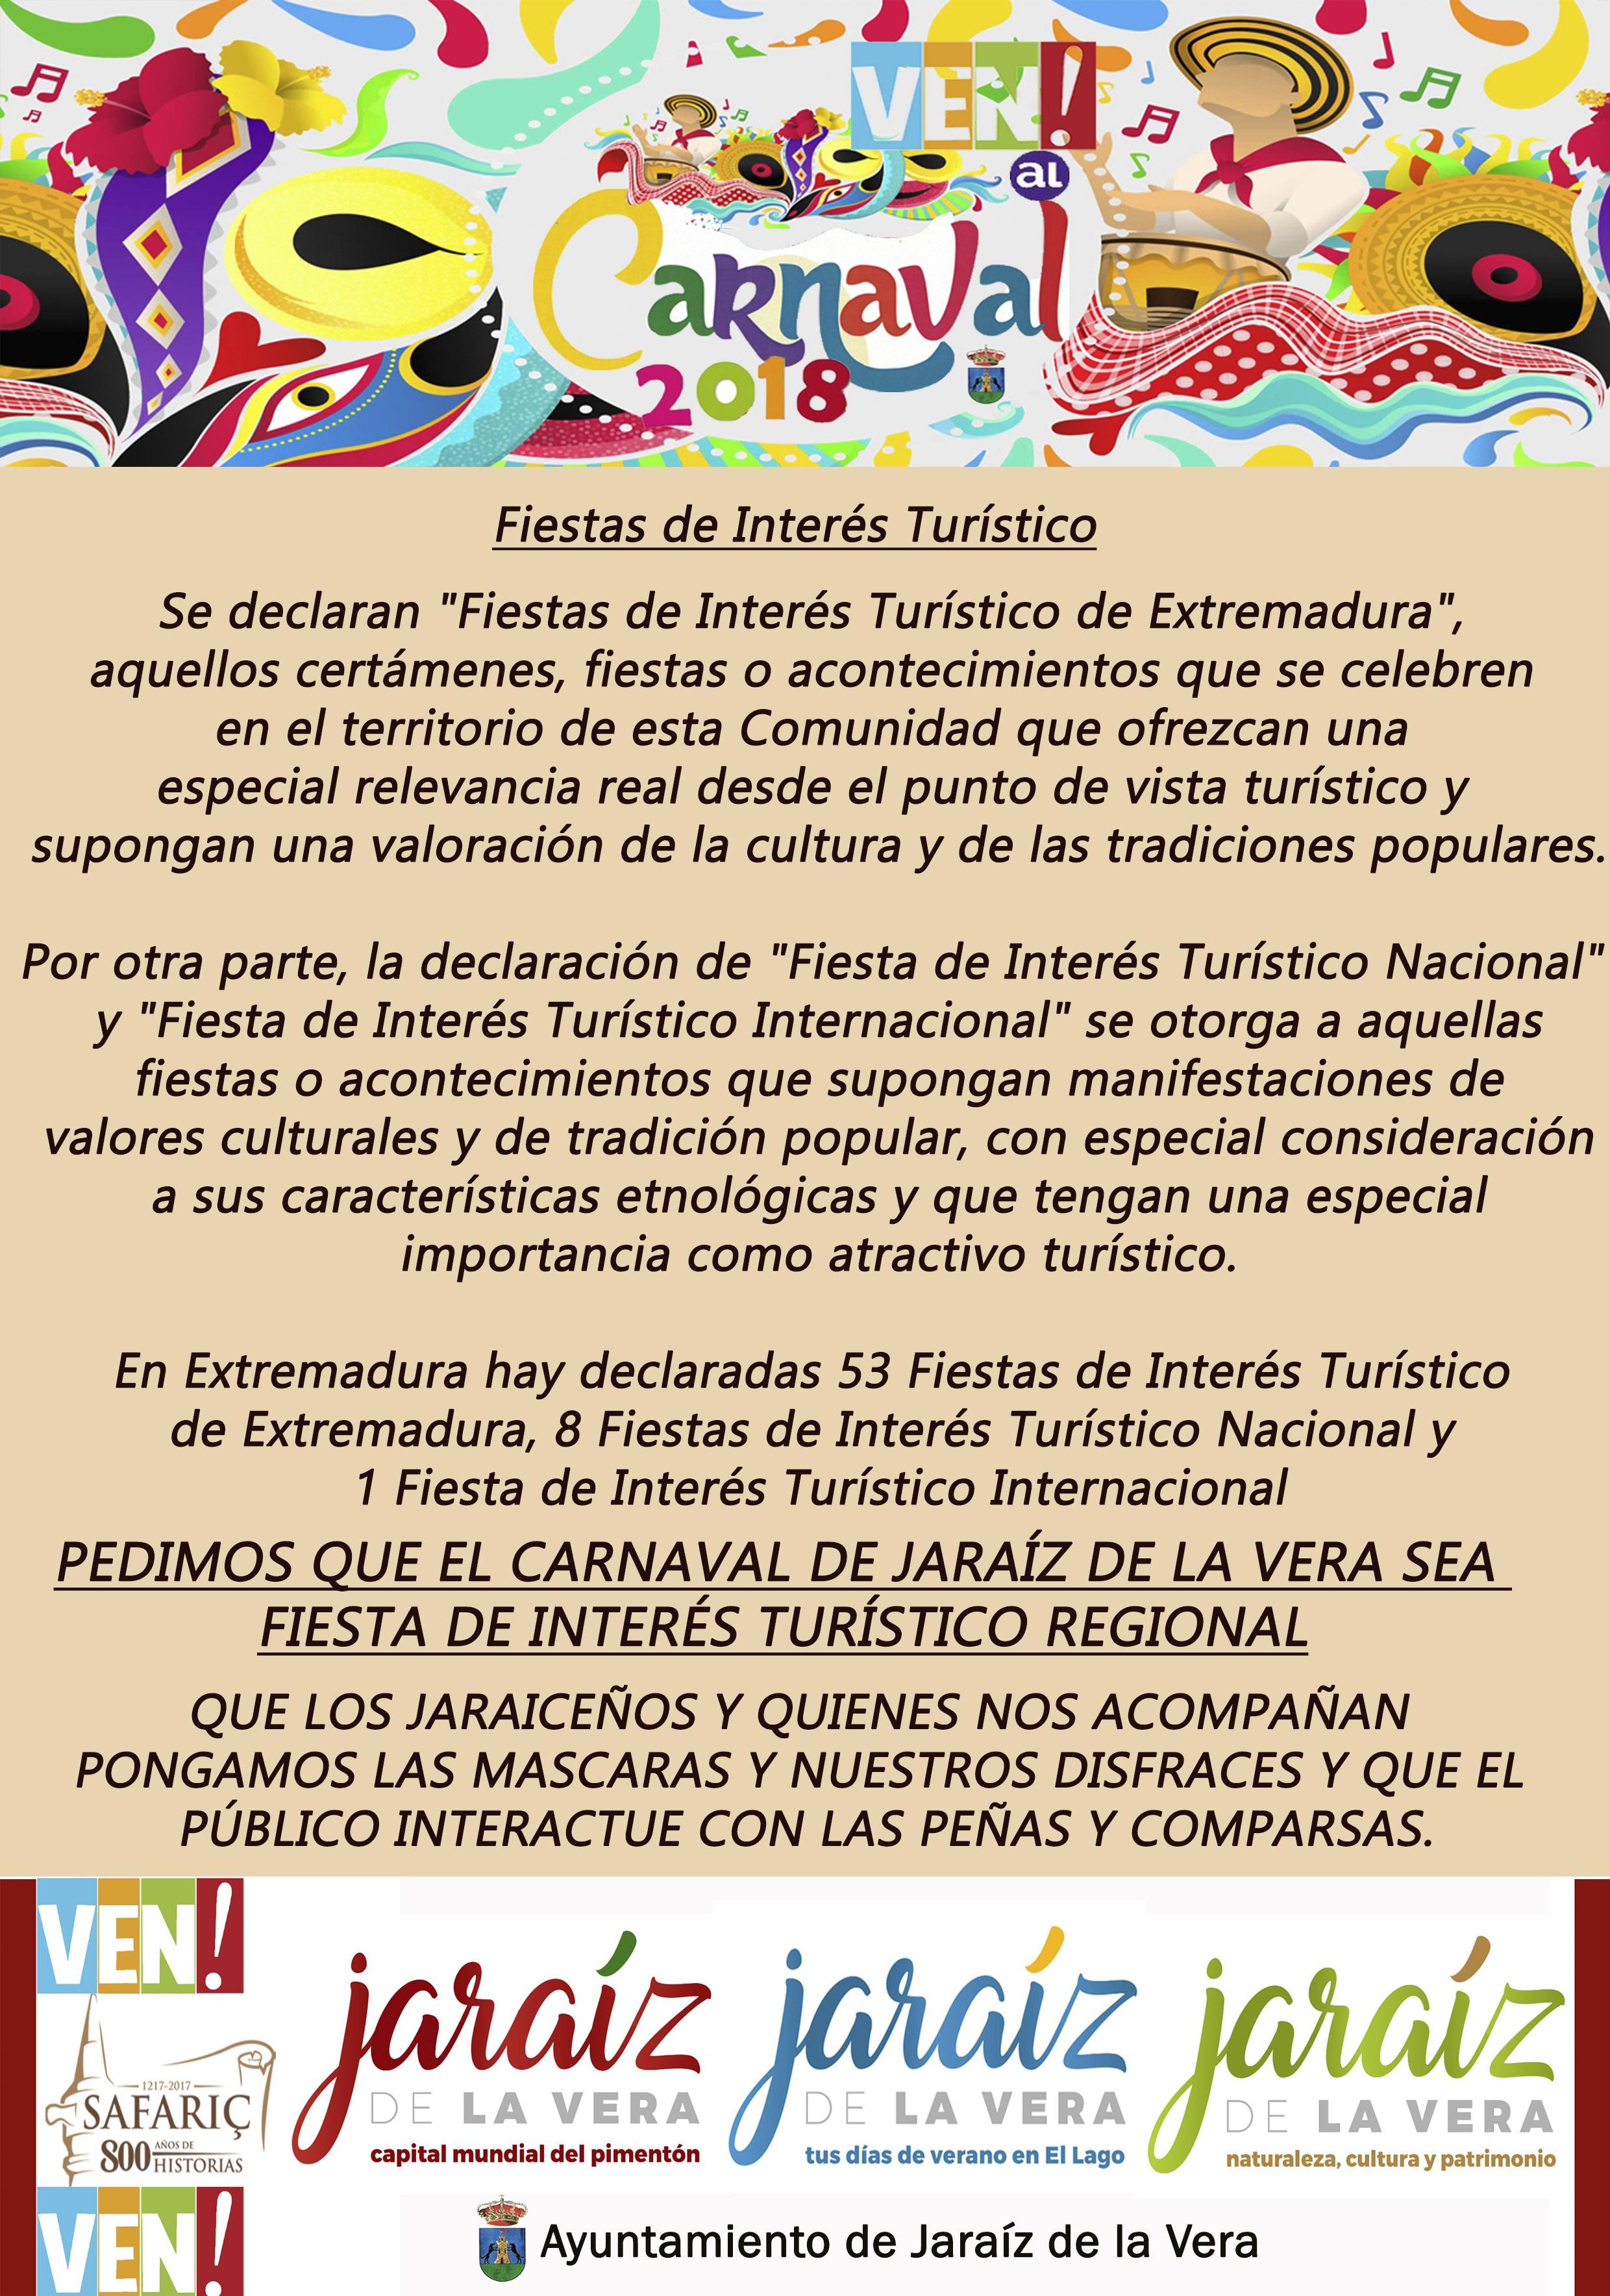 Fiesta de Interés Turístico - Carnaval de Jaraíz de la Vera